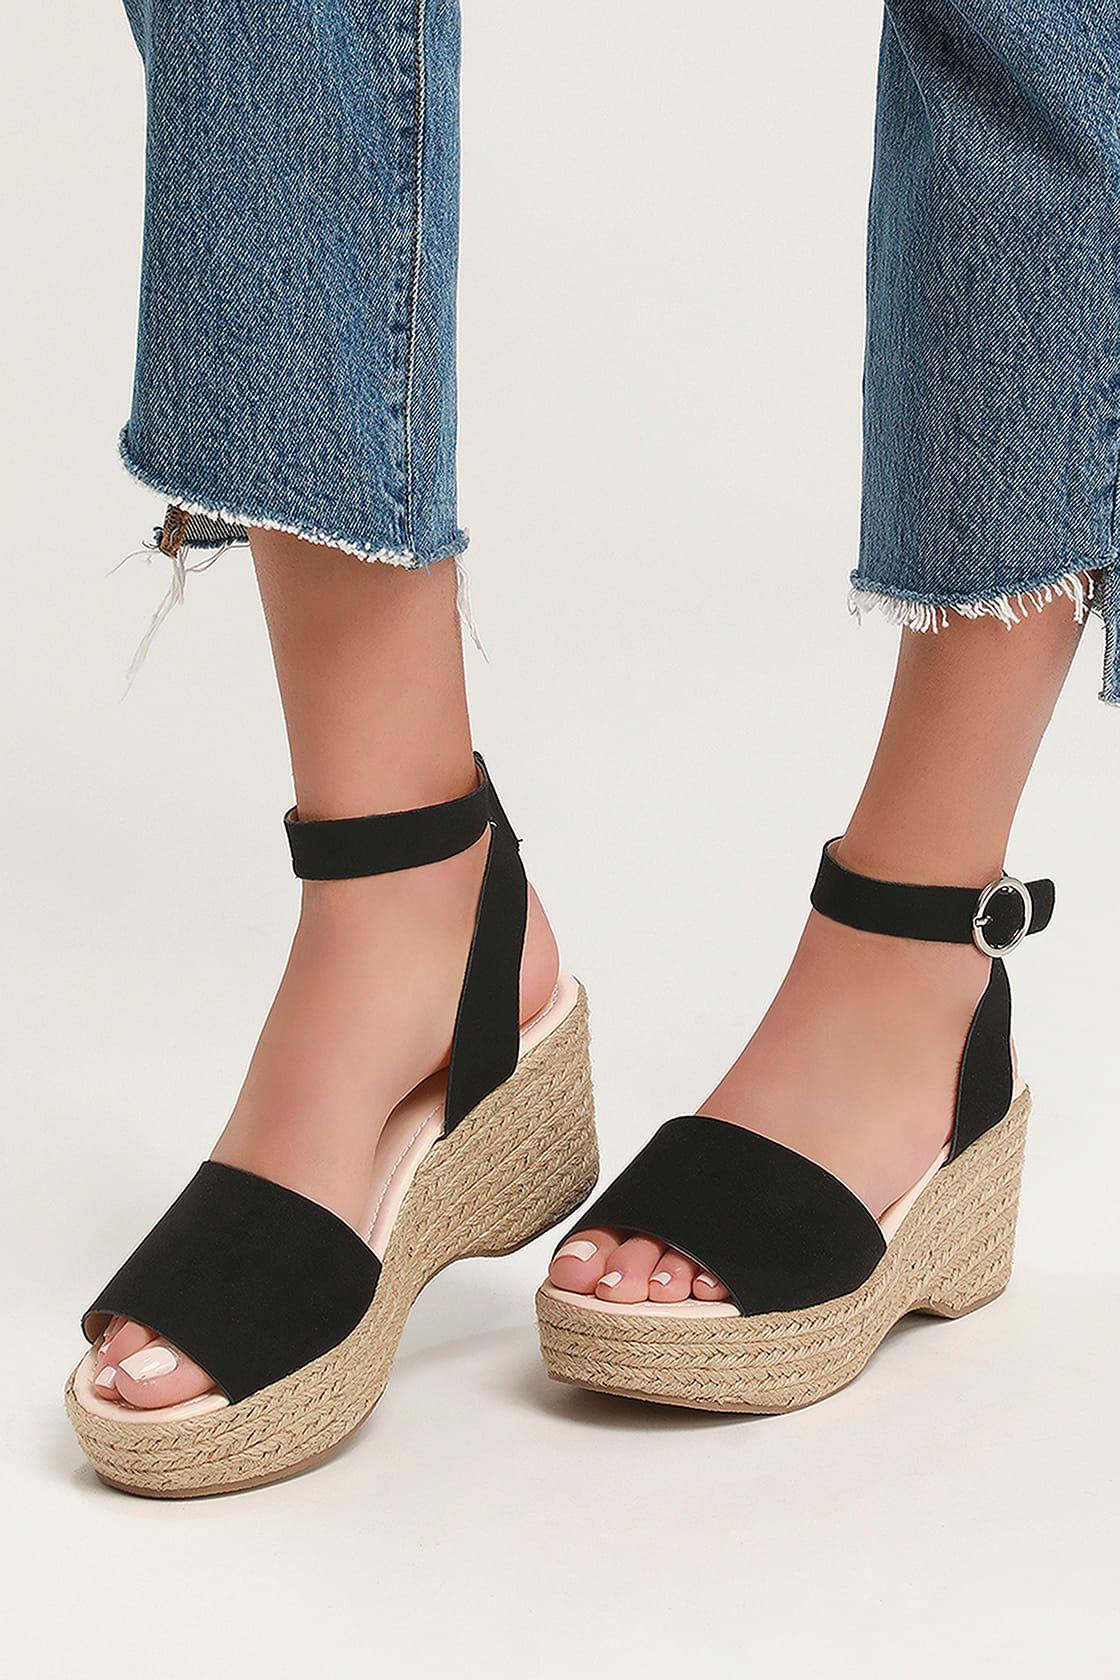 f5580d37ba Elyse Black Suede Platform Espadrille Sandals in 2019 | Shoes ...